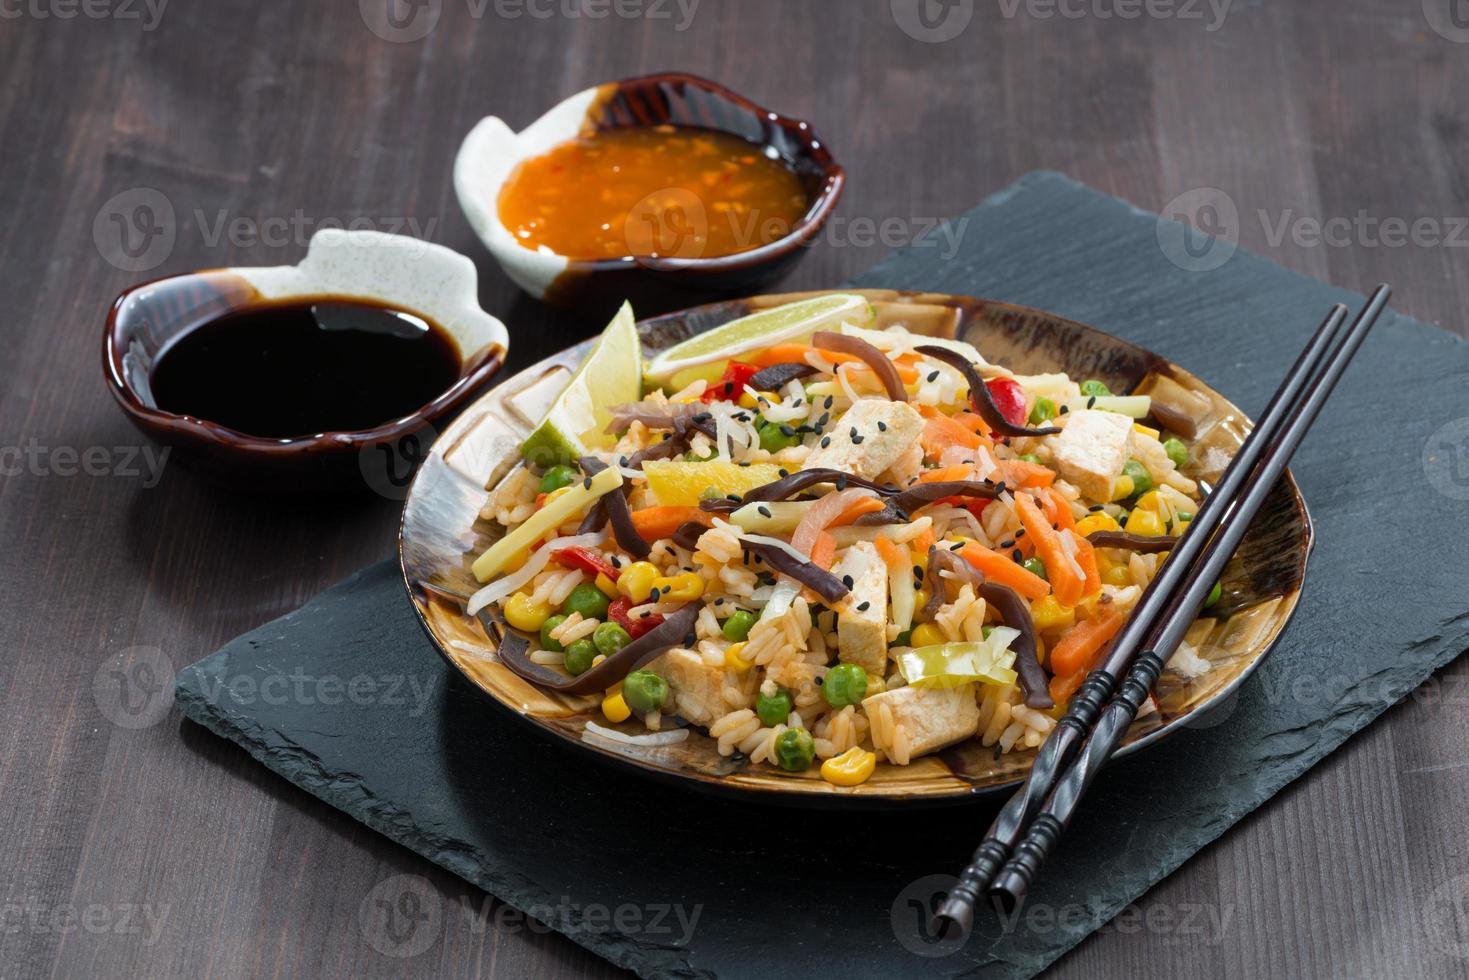 gebakken rijst met tahoe, groenten en sauzen foto